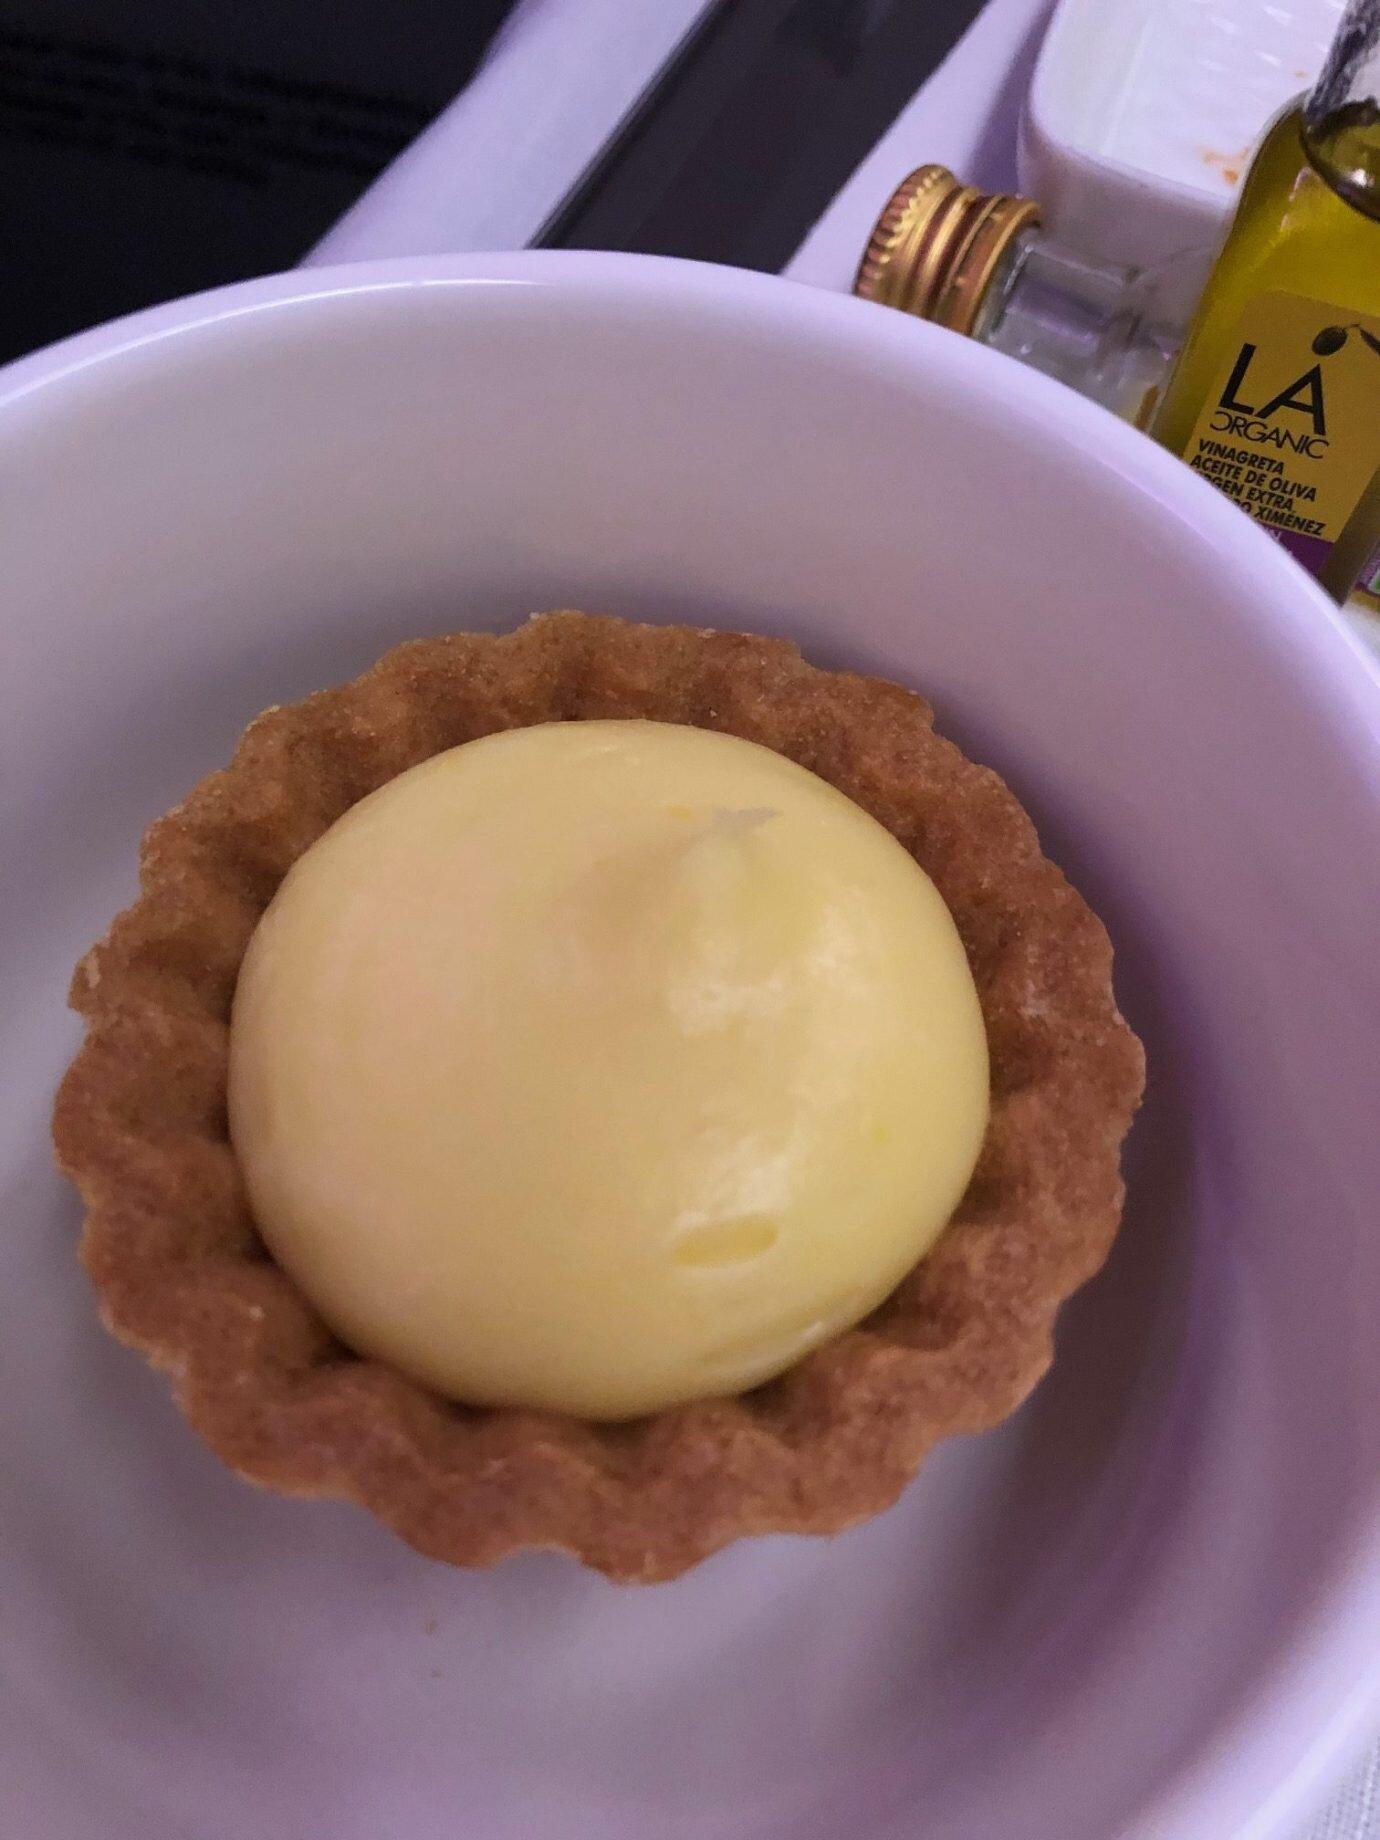 飯後甜點是一小塊檸檬塔,真的很小,直徑大概二英吋,兩三口就吃完了